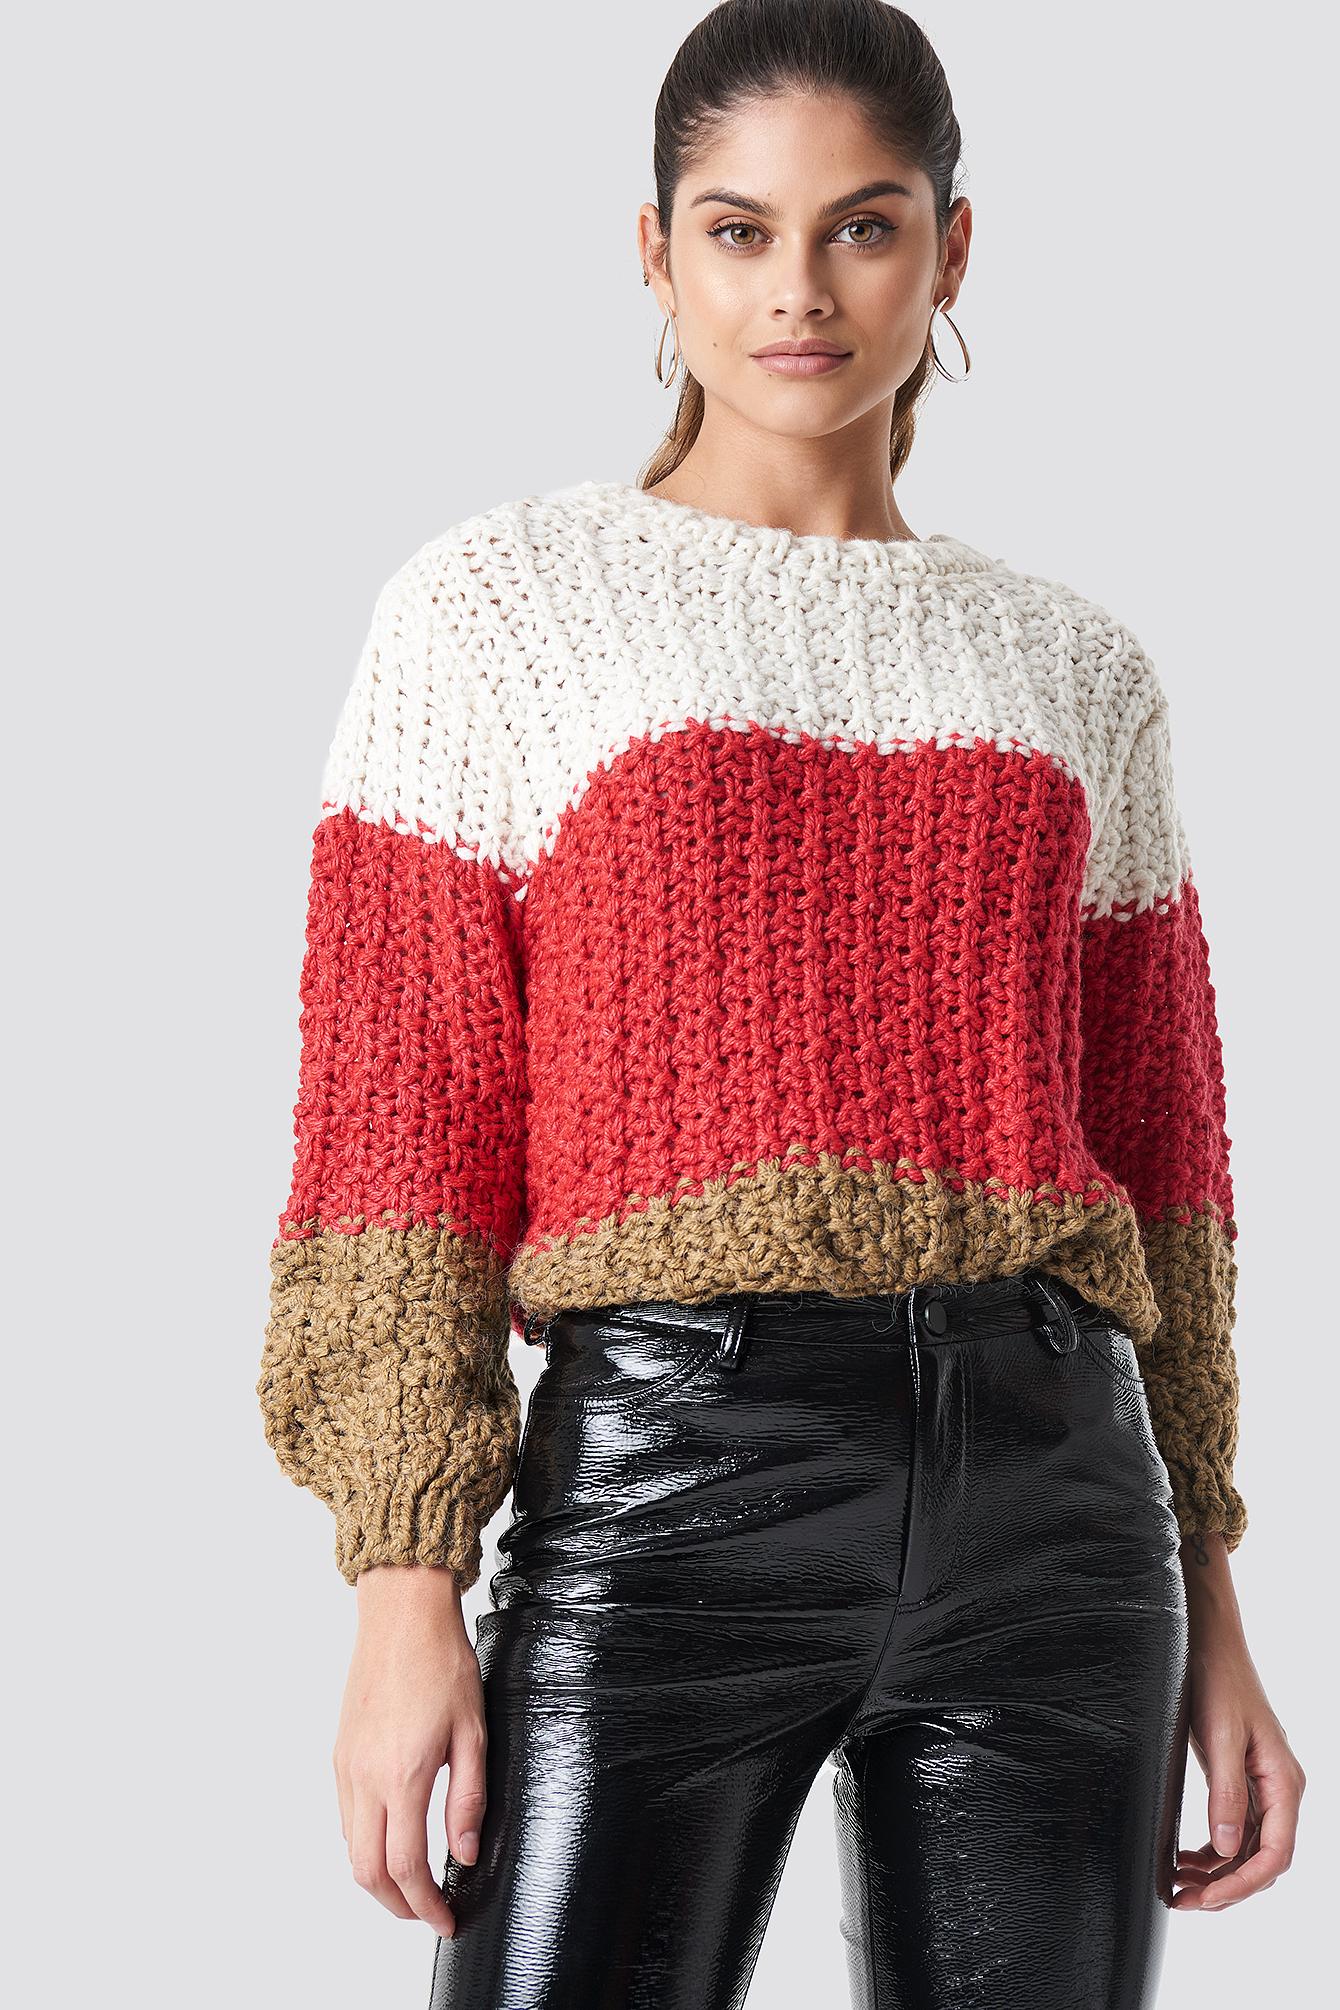 mango -  Cabin Sweater - Red,Multicolor